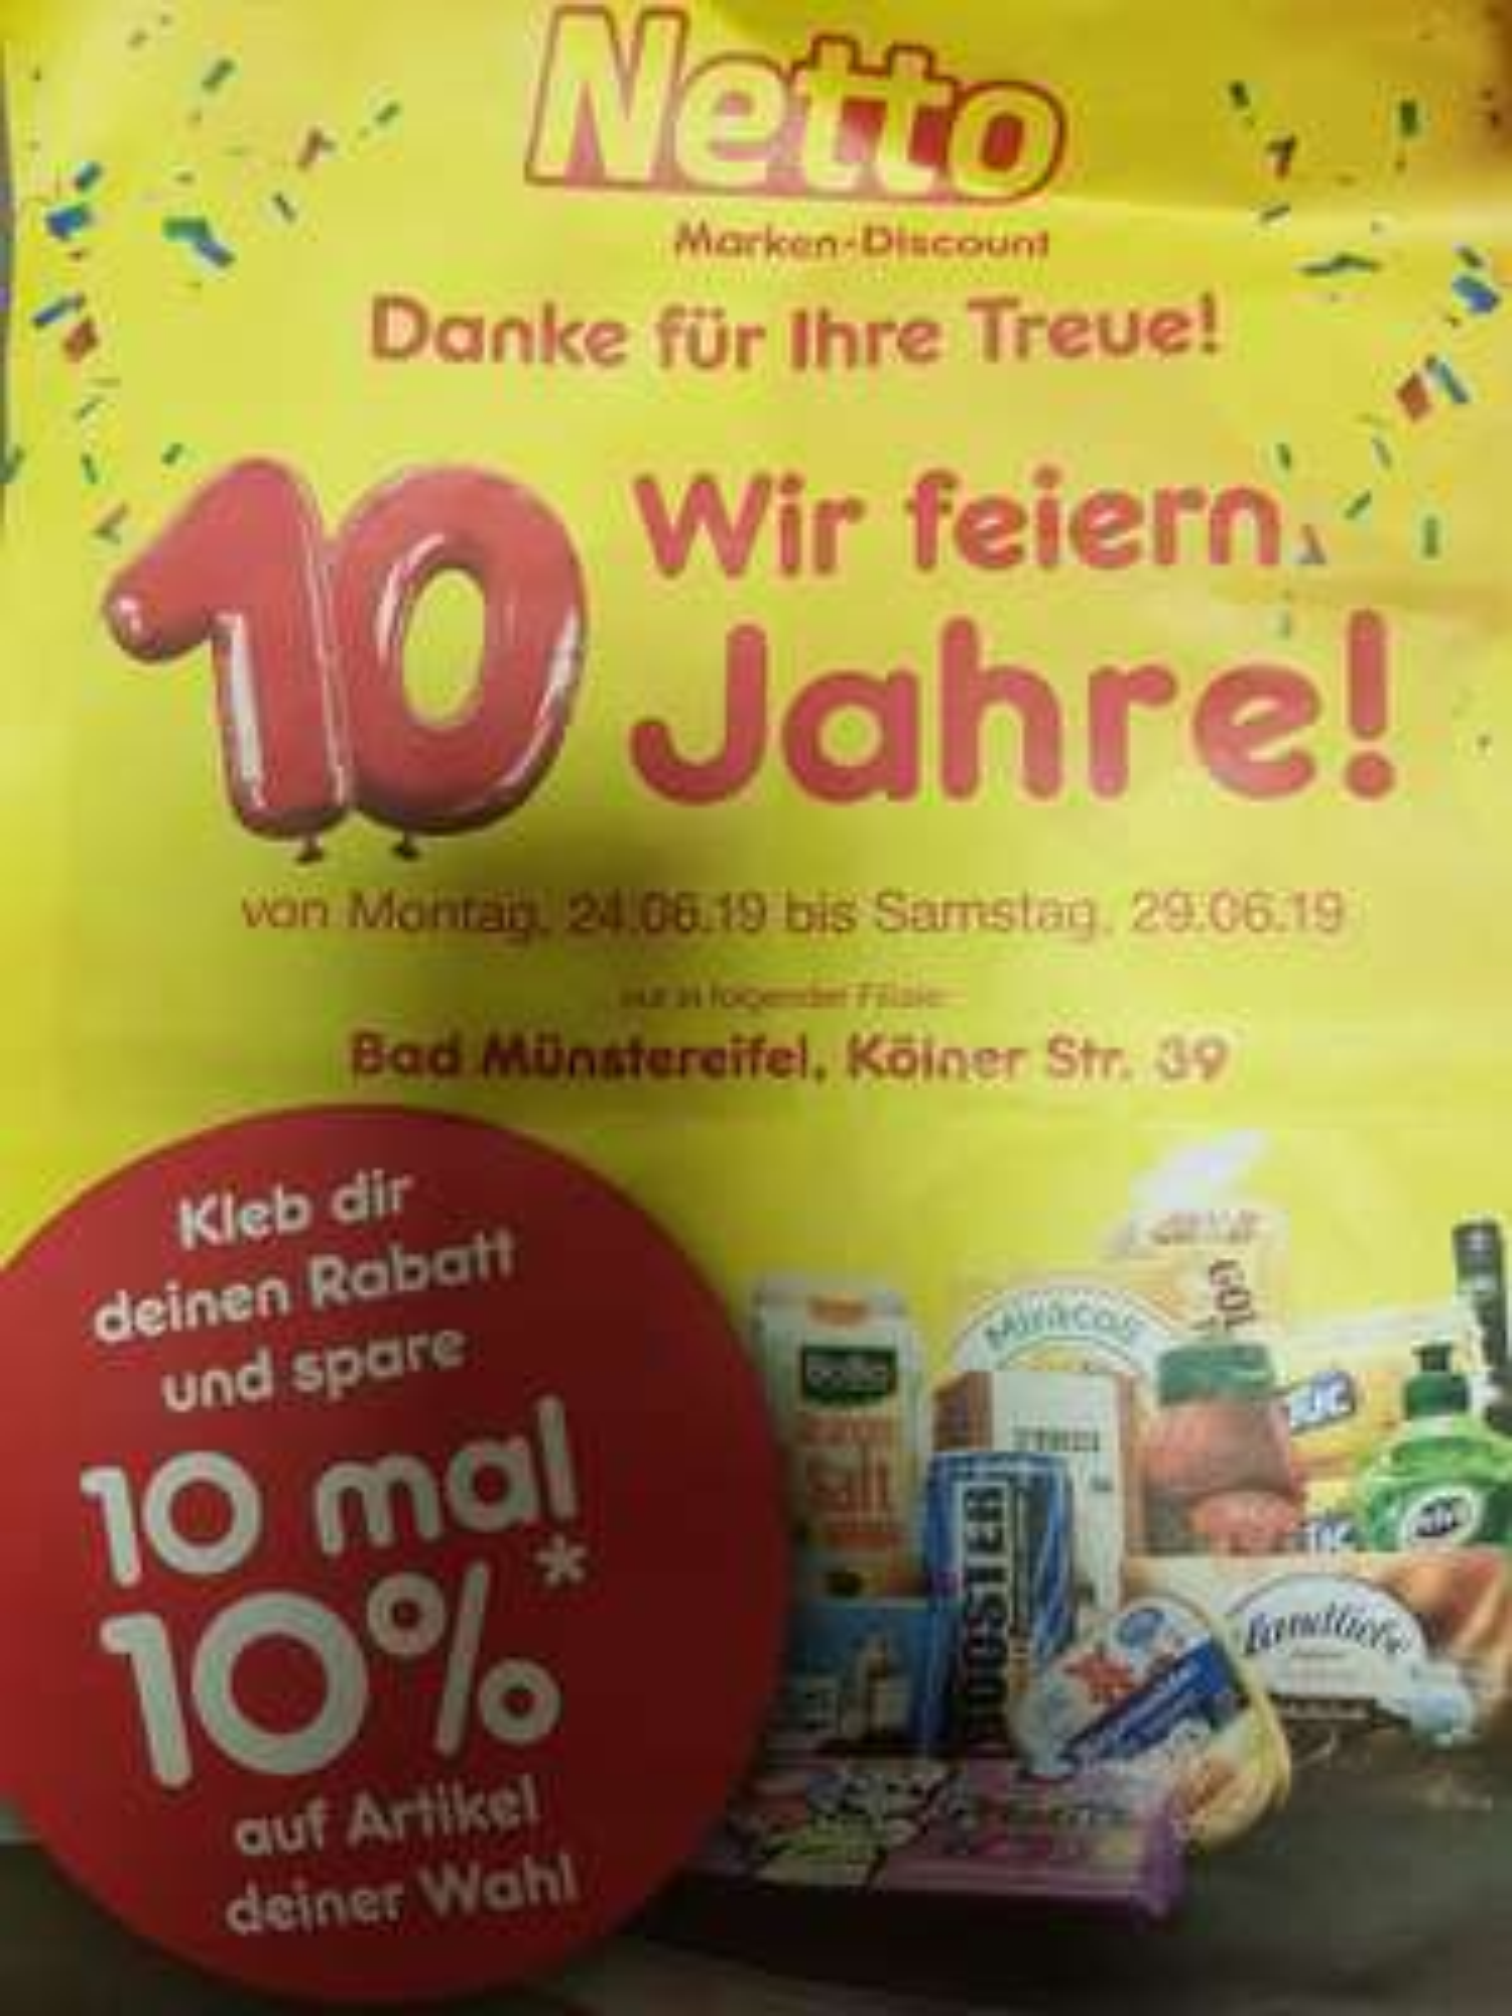 10% Netto Marken-Discount Bad Münstereifel